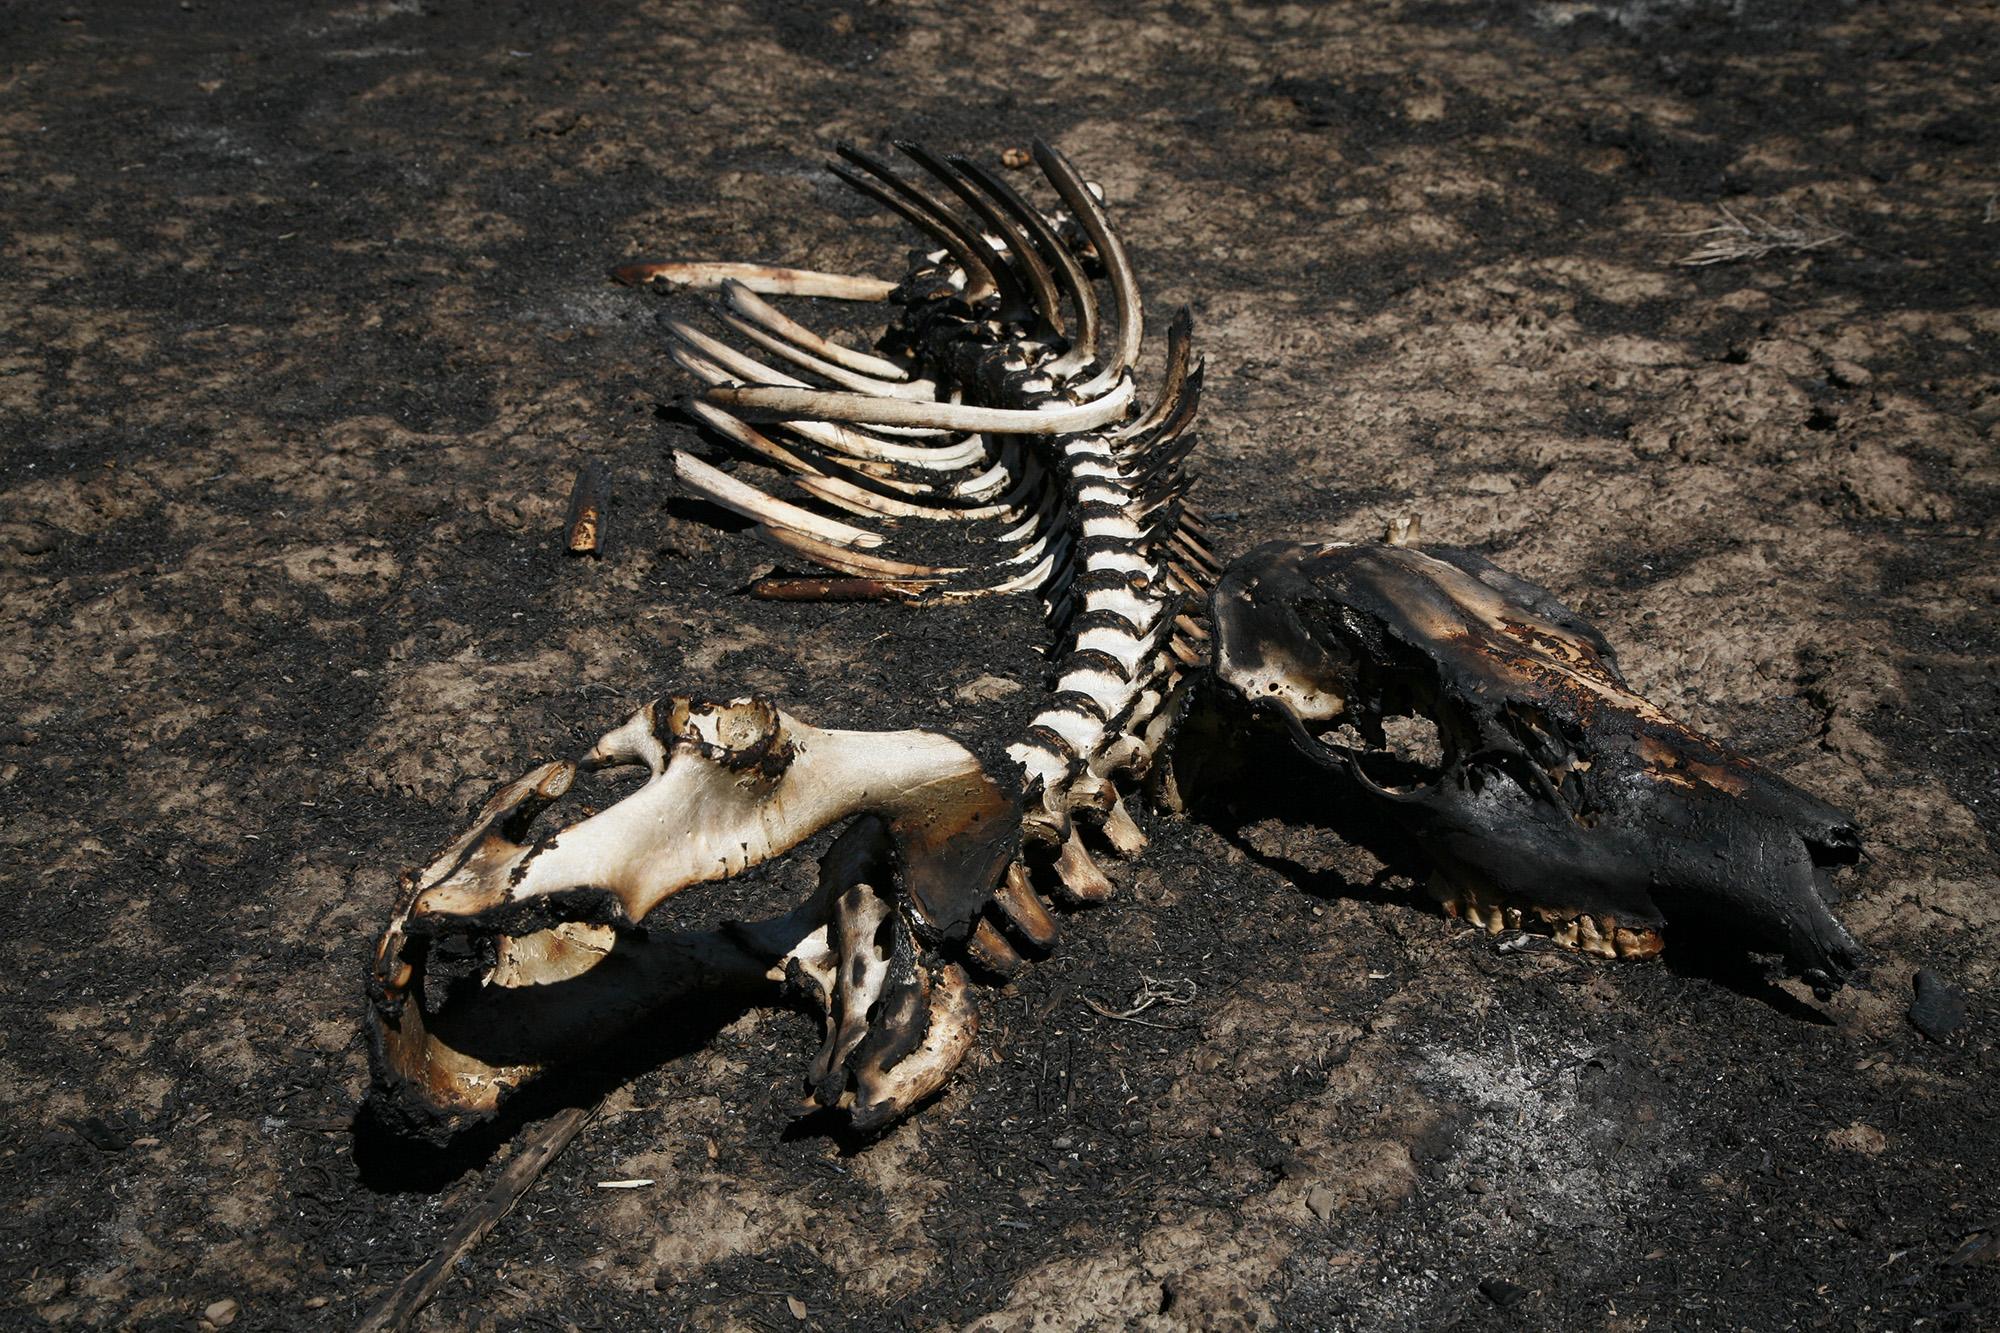 Pine Gulch fire clean-up carcass